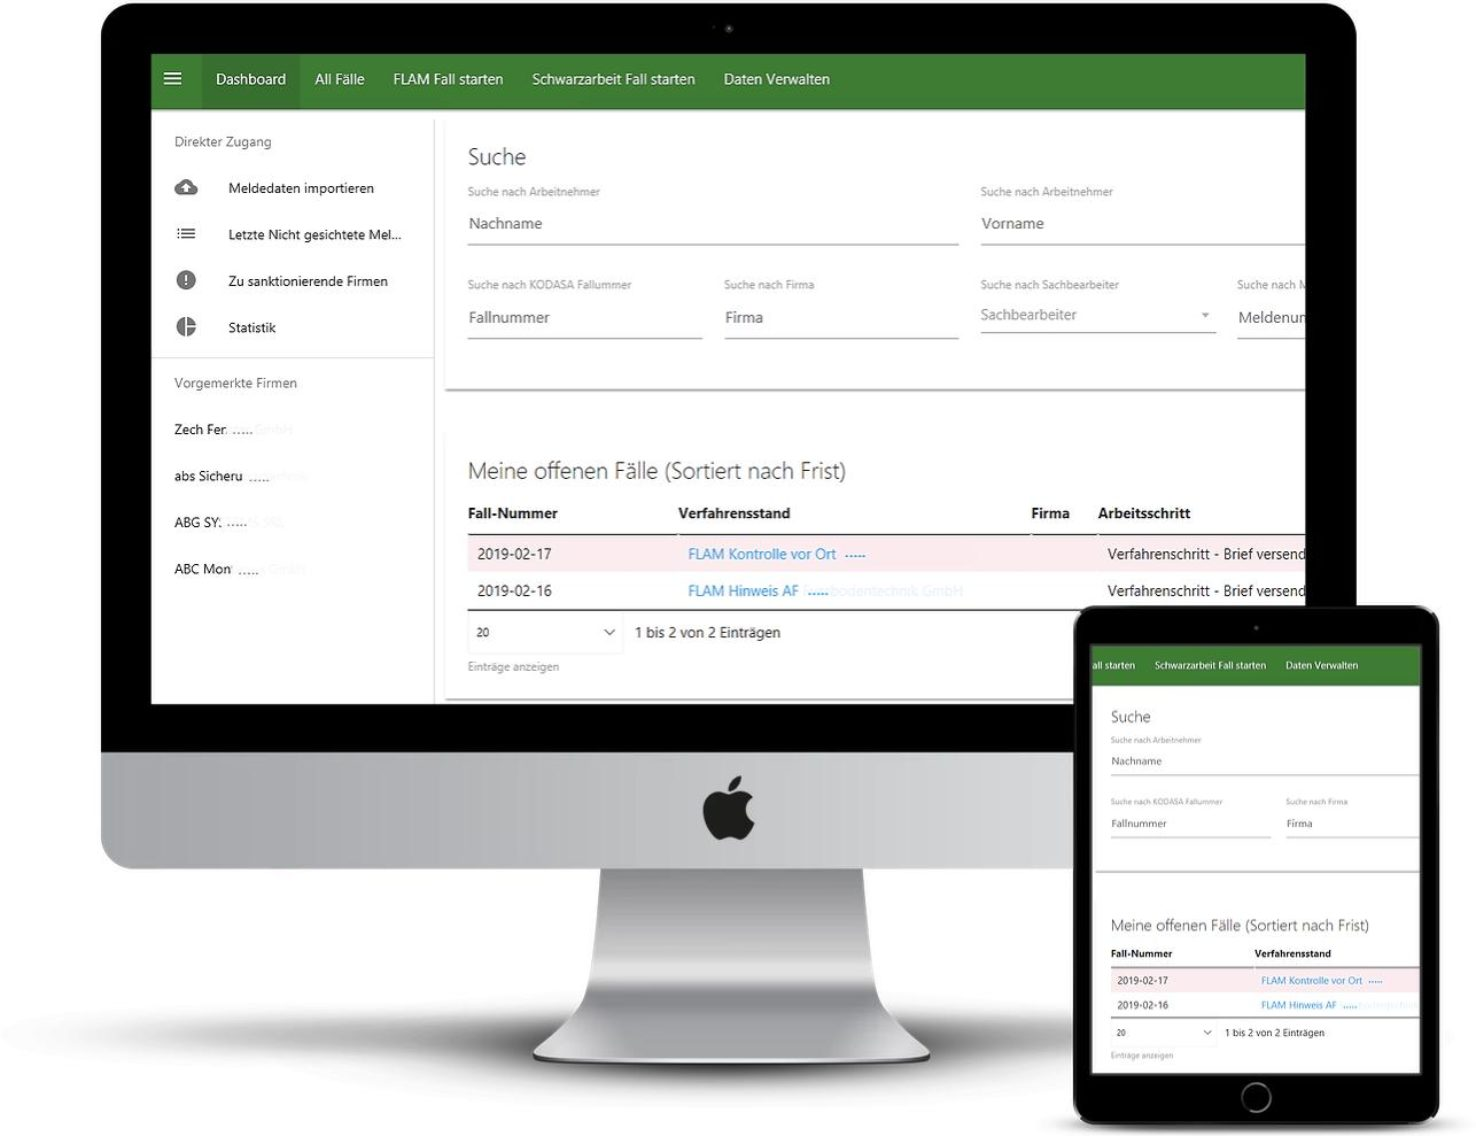 Ratsinformationssystem Dashboard - Liefert eine Übersicht der offenen Anträge